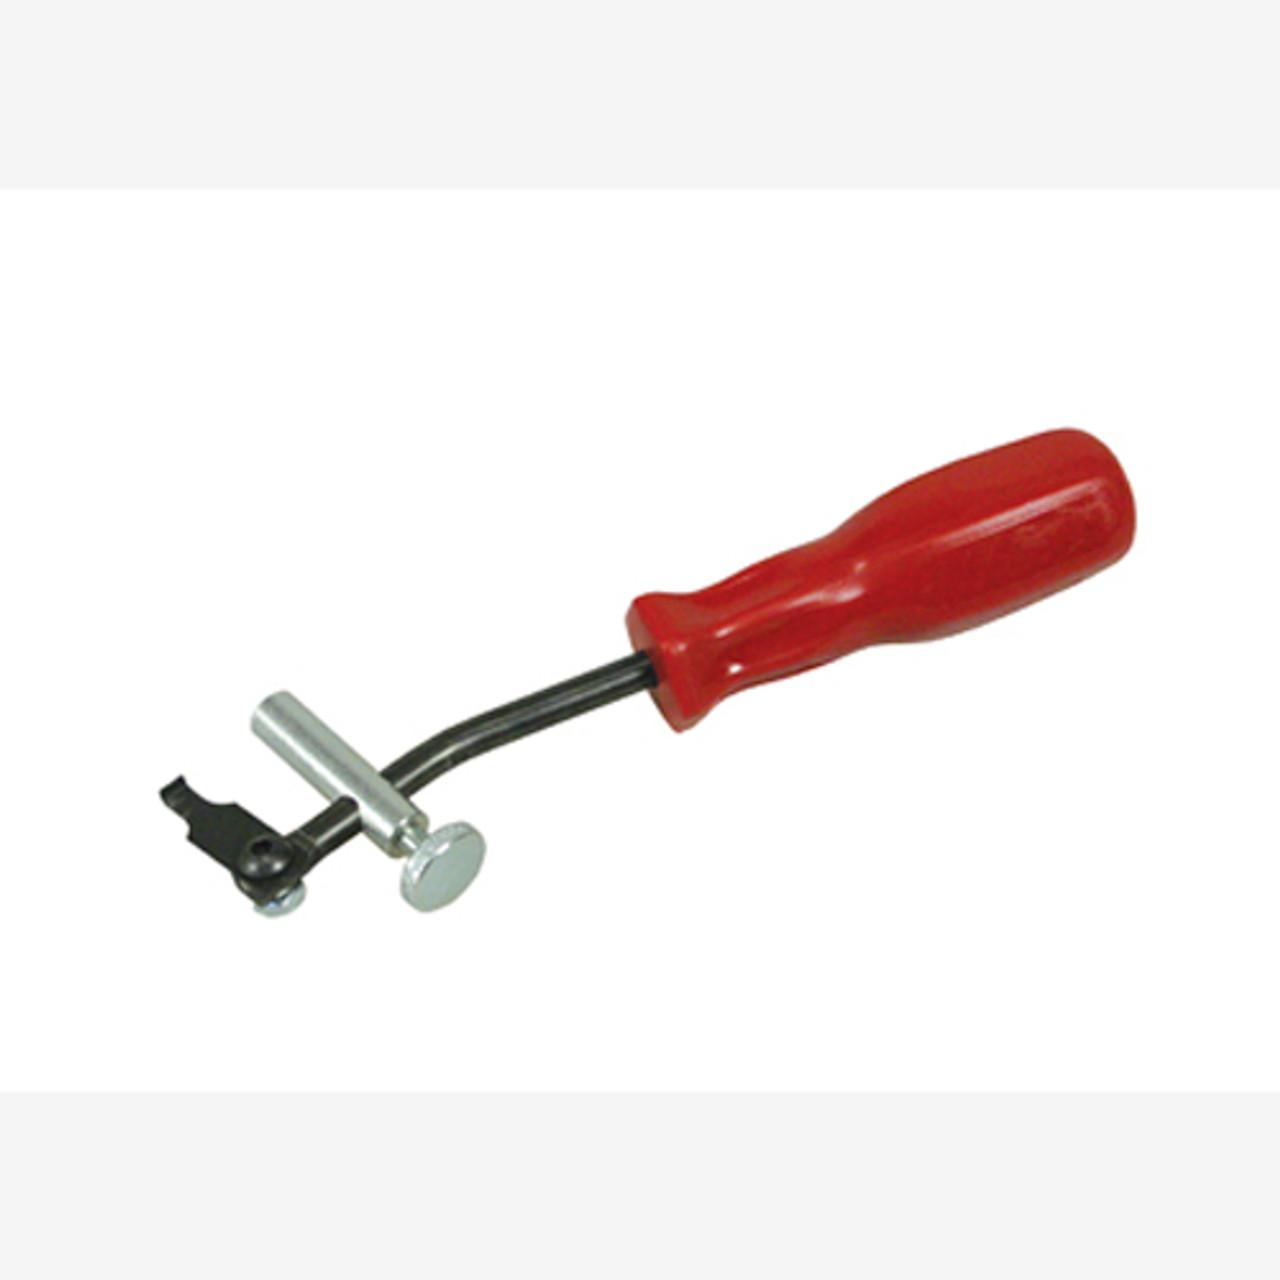 Adjustable Seal Puller Lisle 56650